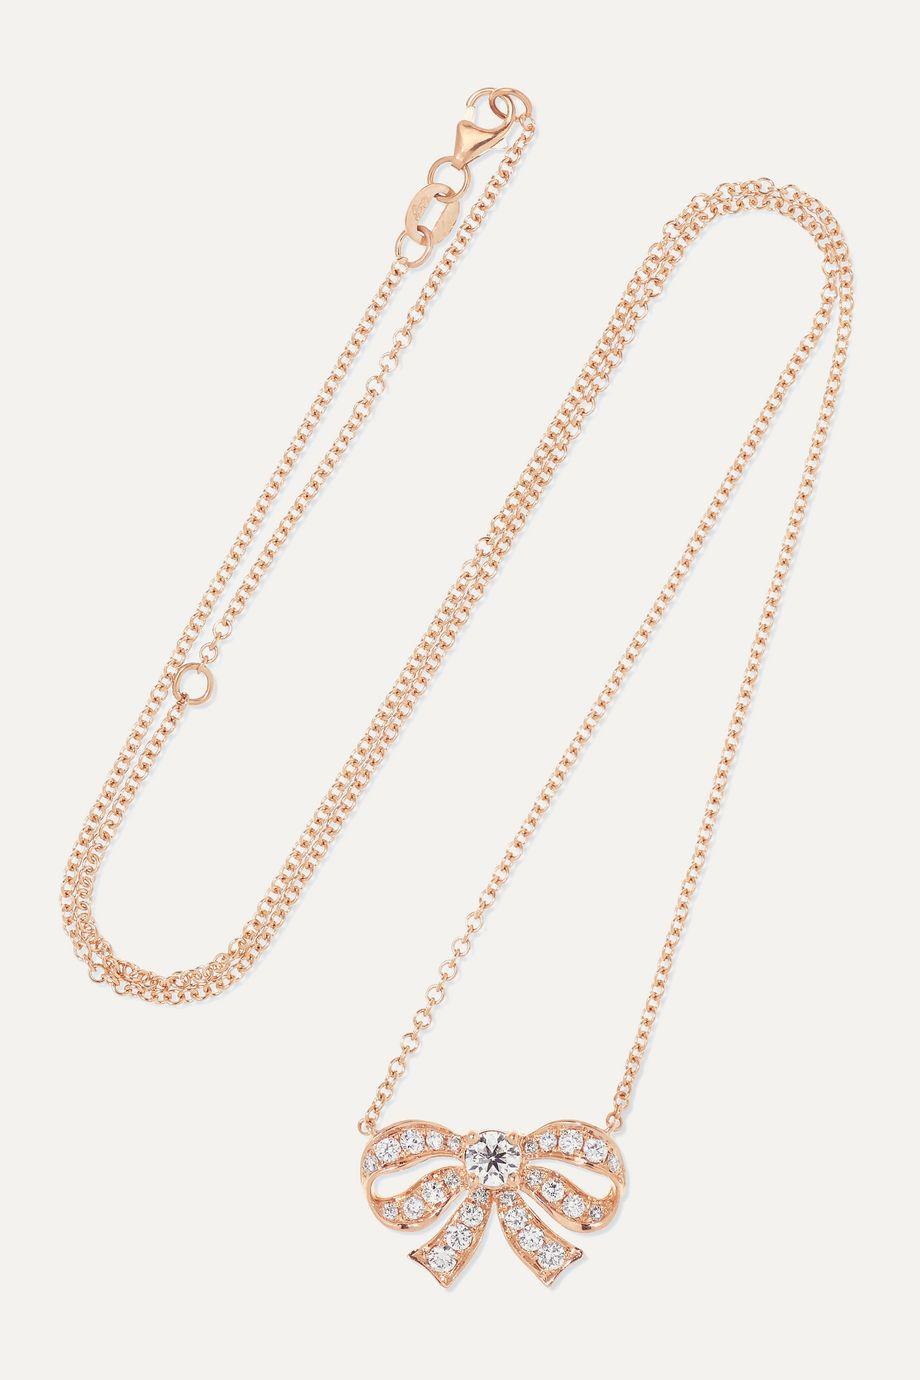 Anita Ko Collier en or rose 18 carats et diamants Bow